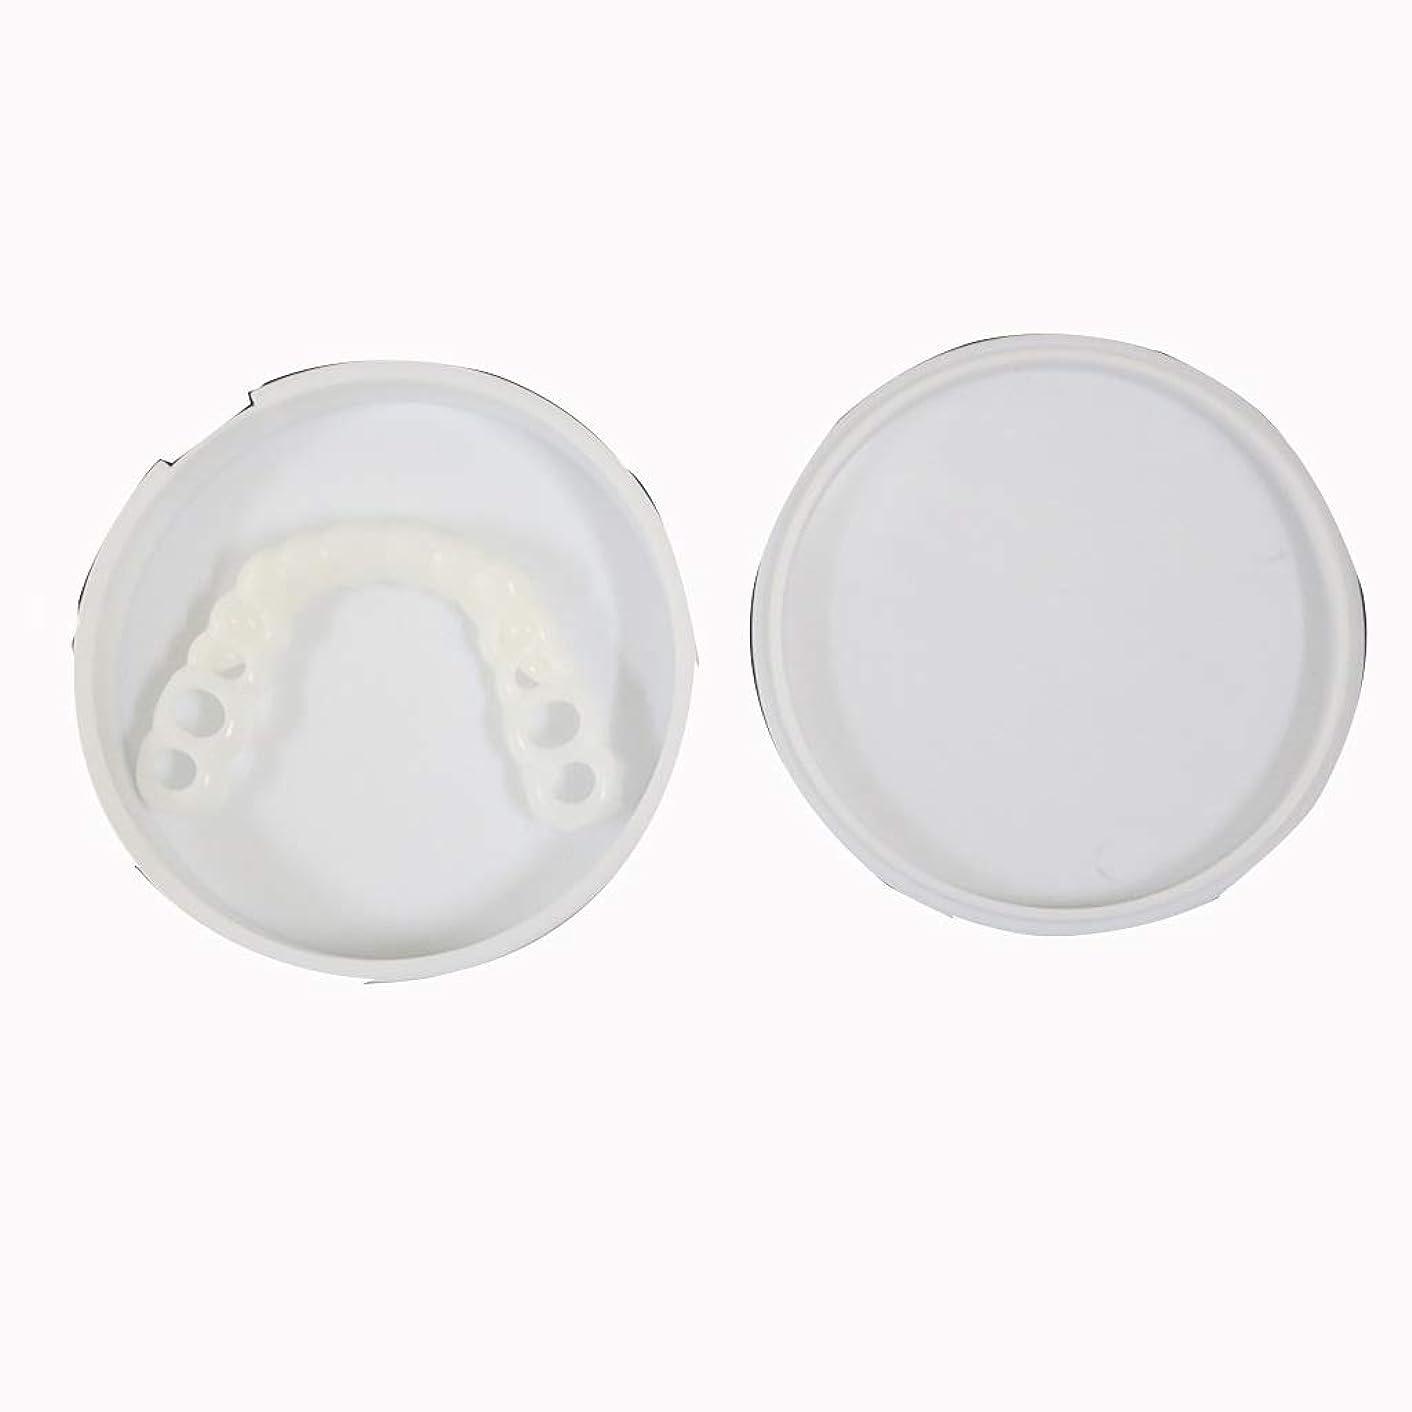 参照セットアップ武器YHDD 義歯の列に設定ホワイトニングホワイトニング歯ブレースシミュレーションホワイトニング